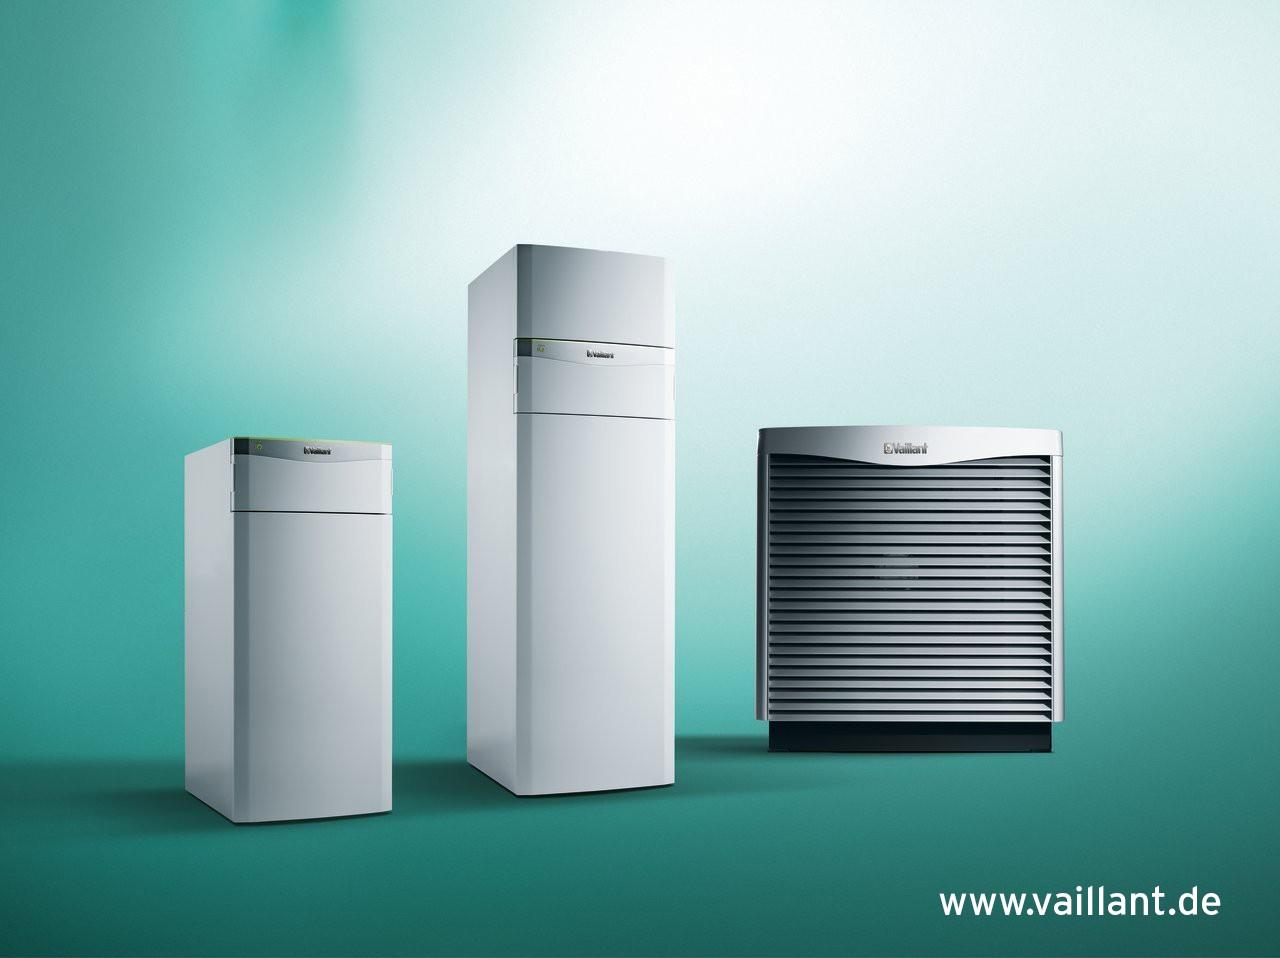 Vaillant VAILLANT Set 4.46 flexoCOMPACT VWF 58 /4 mit aroCOLLECT Luft/Wasser